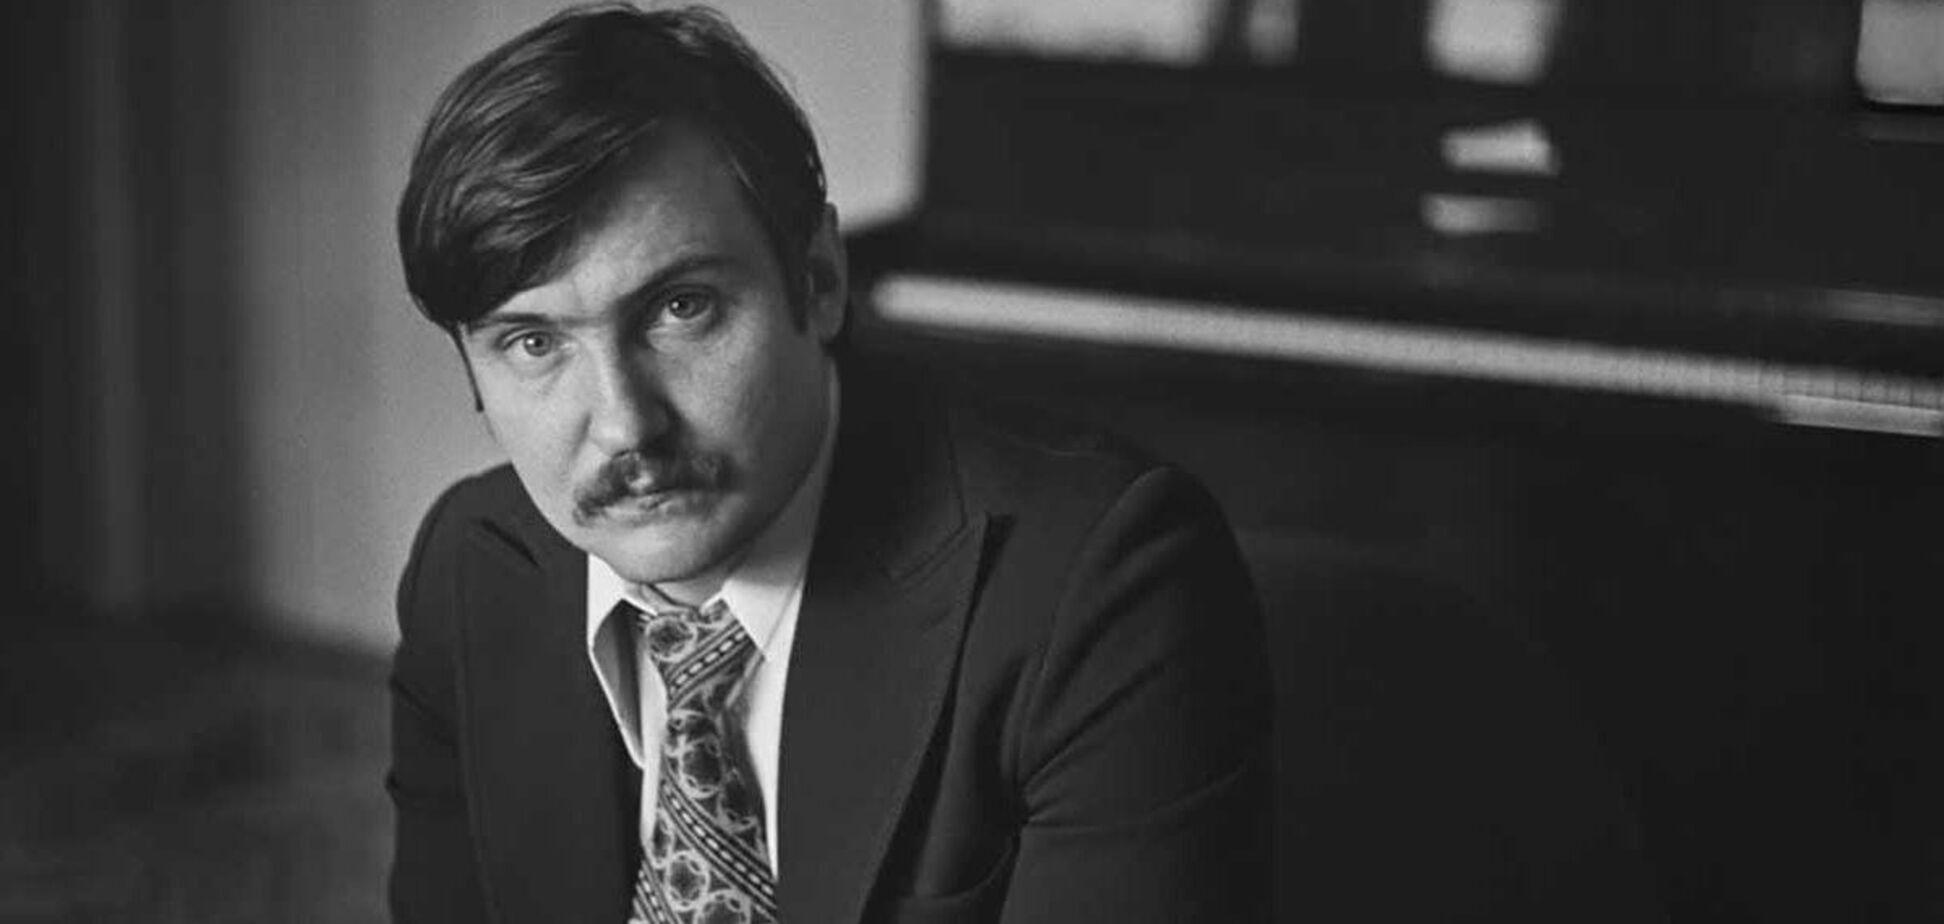 Володимиру Івасюку було б 72: у чому феномен композитора і його легендарних пісень